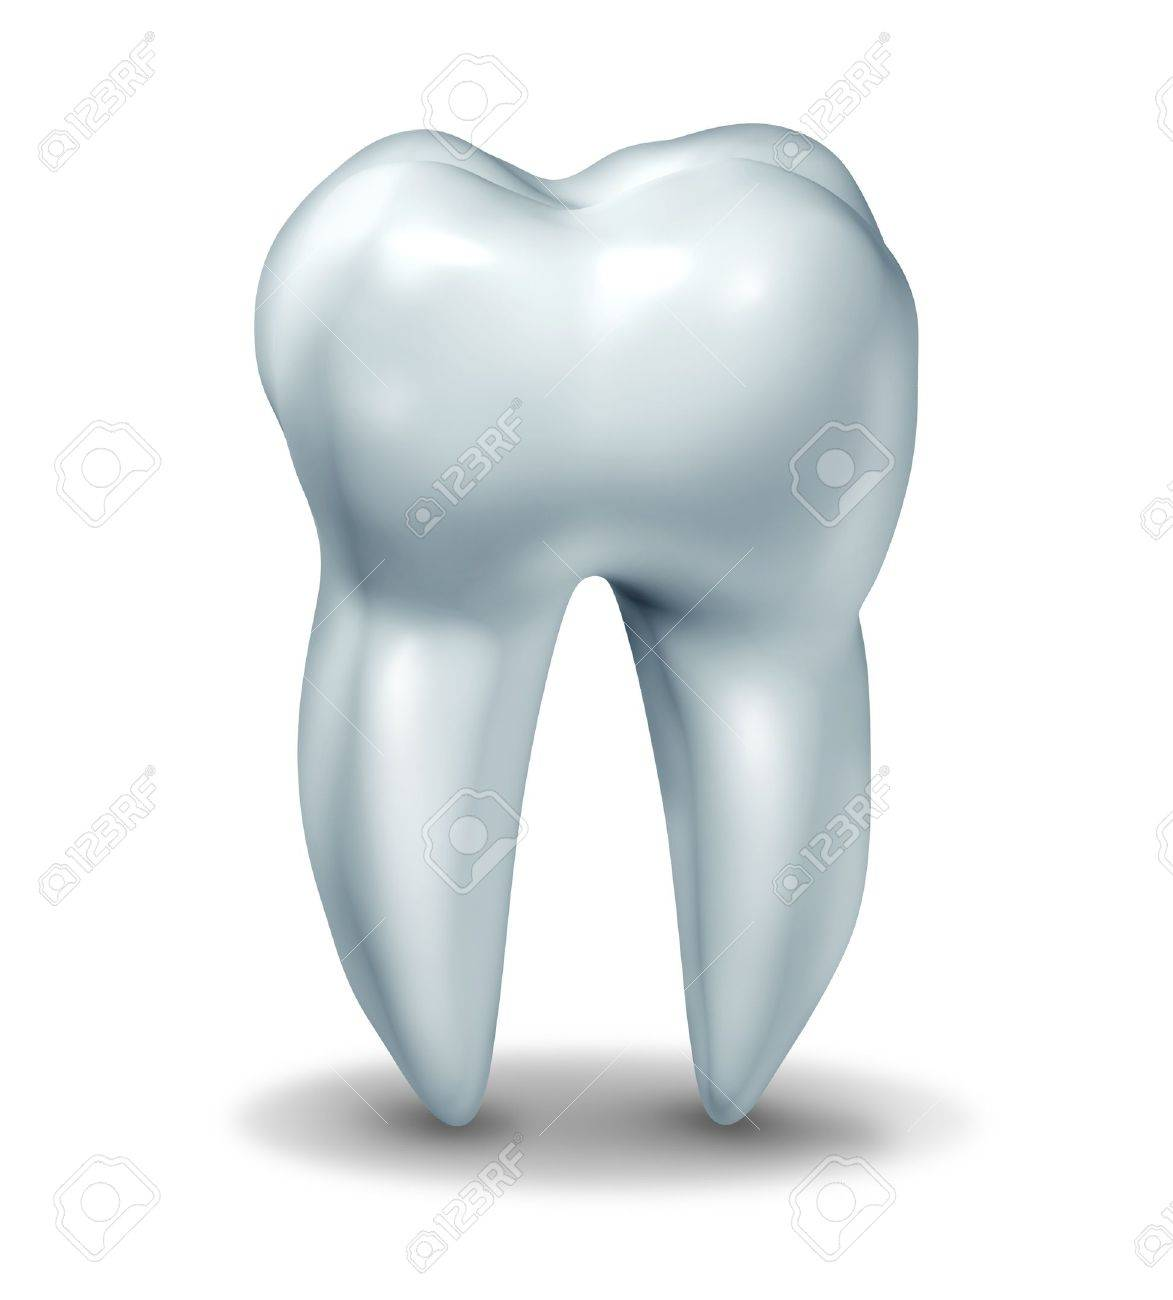 Zahnarzt Zahn Symbol Für Zahnklinik Und Zahnarzt Kieferchirurg ...